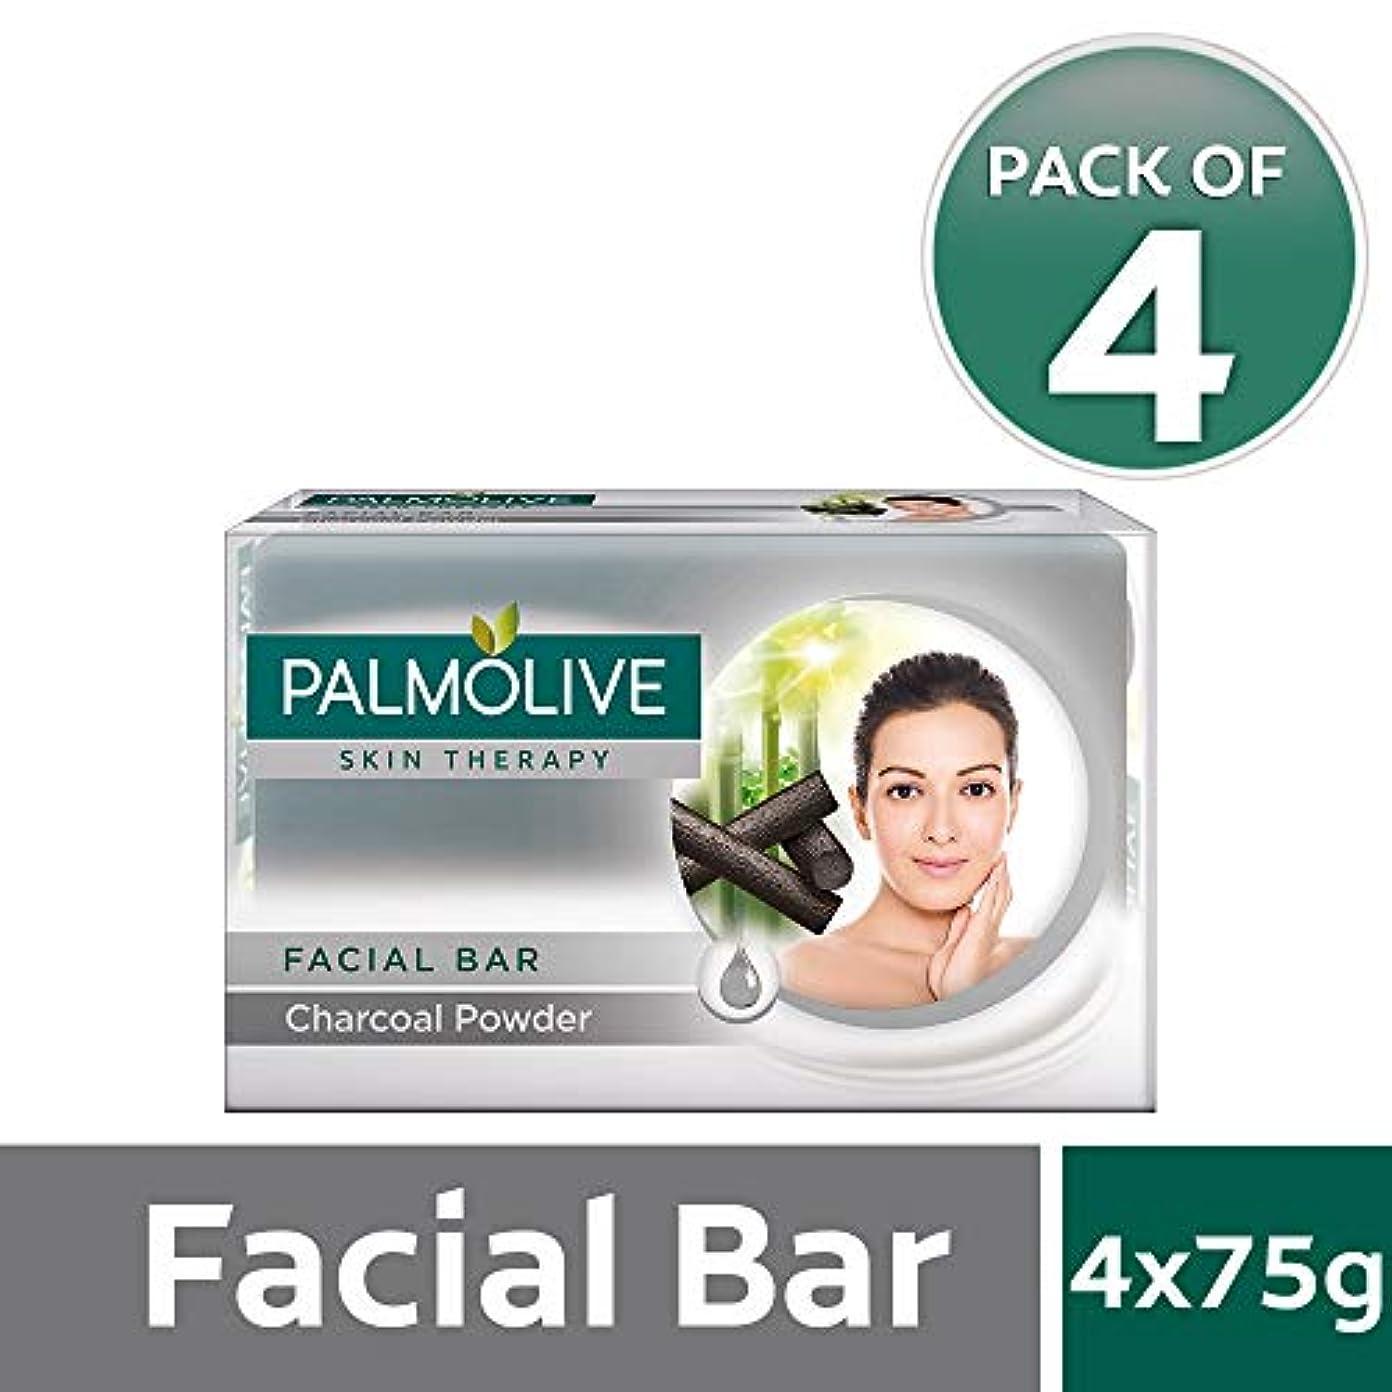 爆風マンモス節約Palmolive Skin Therapy Facial Bar Soap with Charcoal Powder - 75g (Pack of 4)